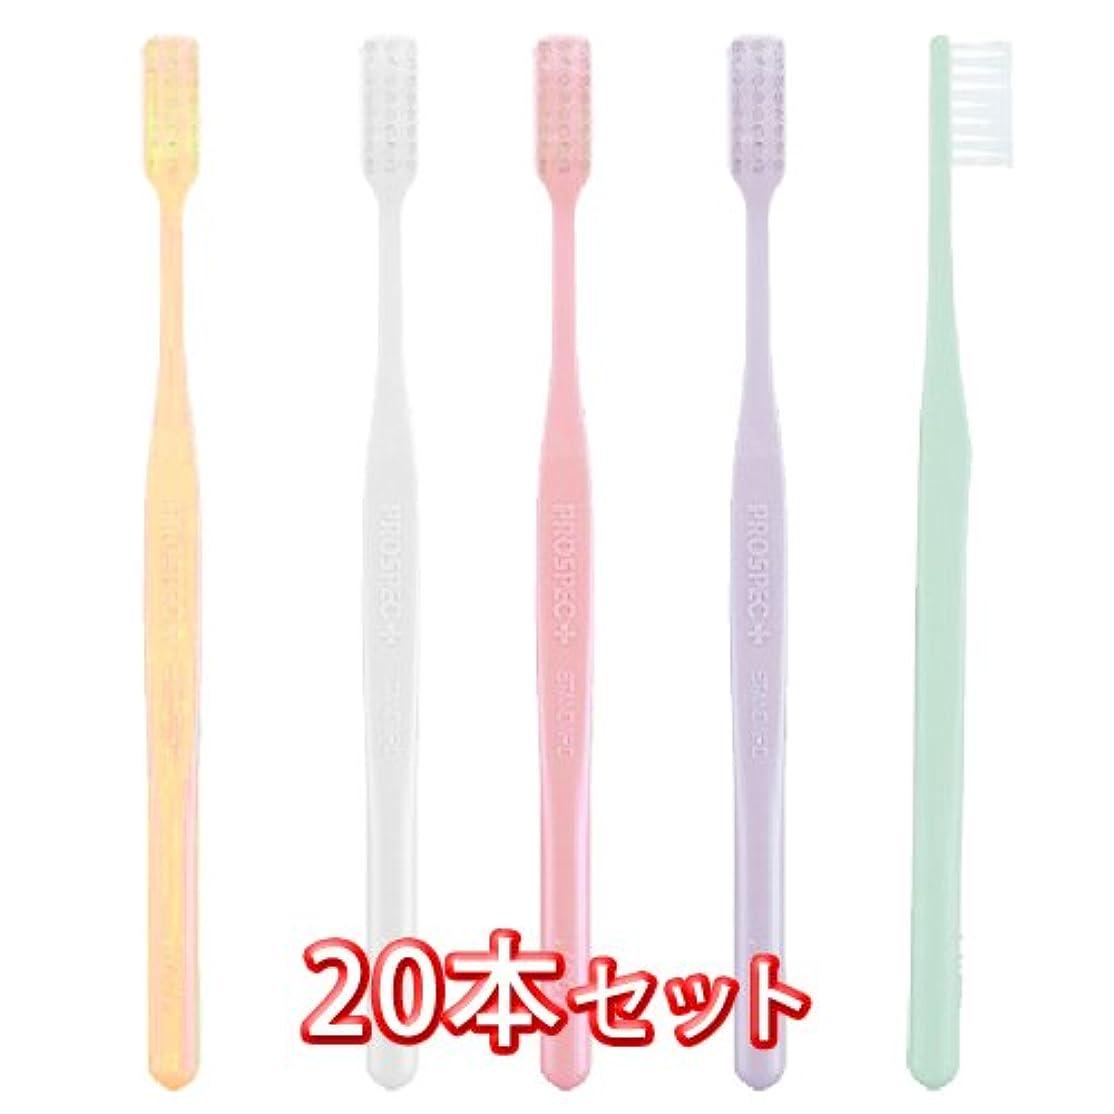 かご矢印アトミックプロスペック 歯ブラシ プラススタンダード 20本入 S やわらかめ